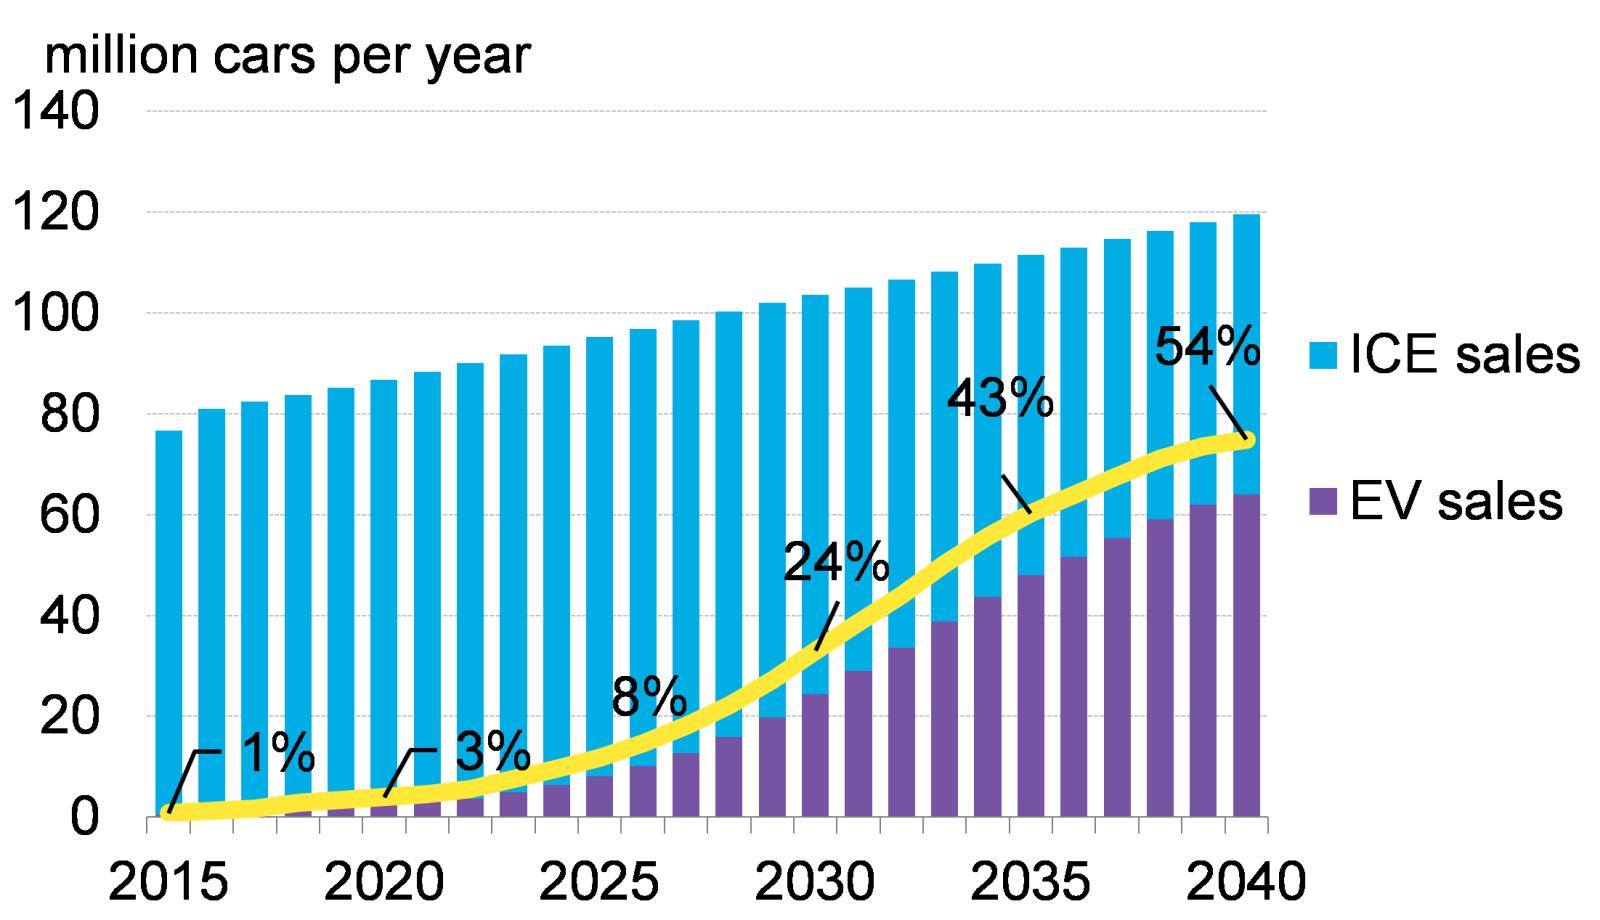 到2040年电动汽车占新车销量比例将达到54%